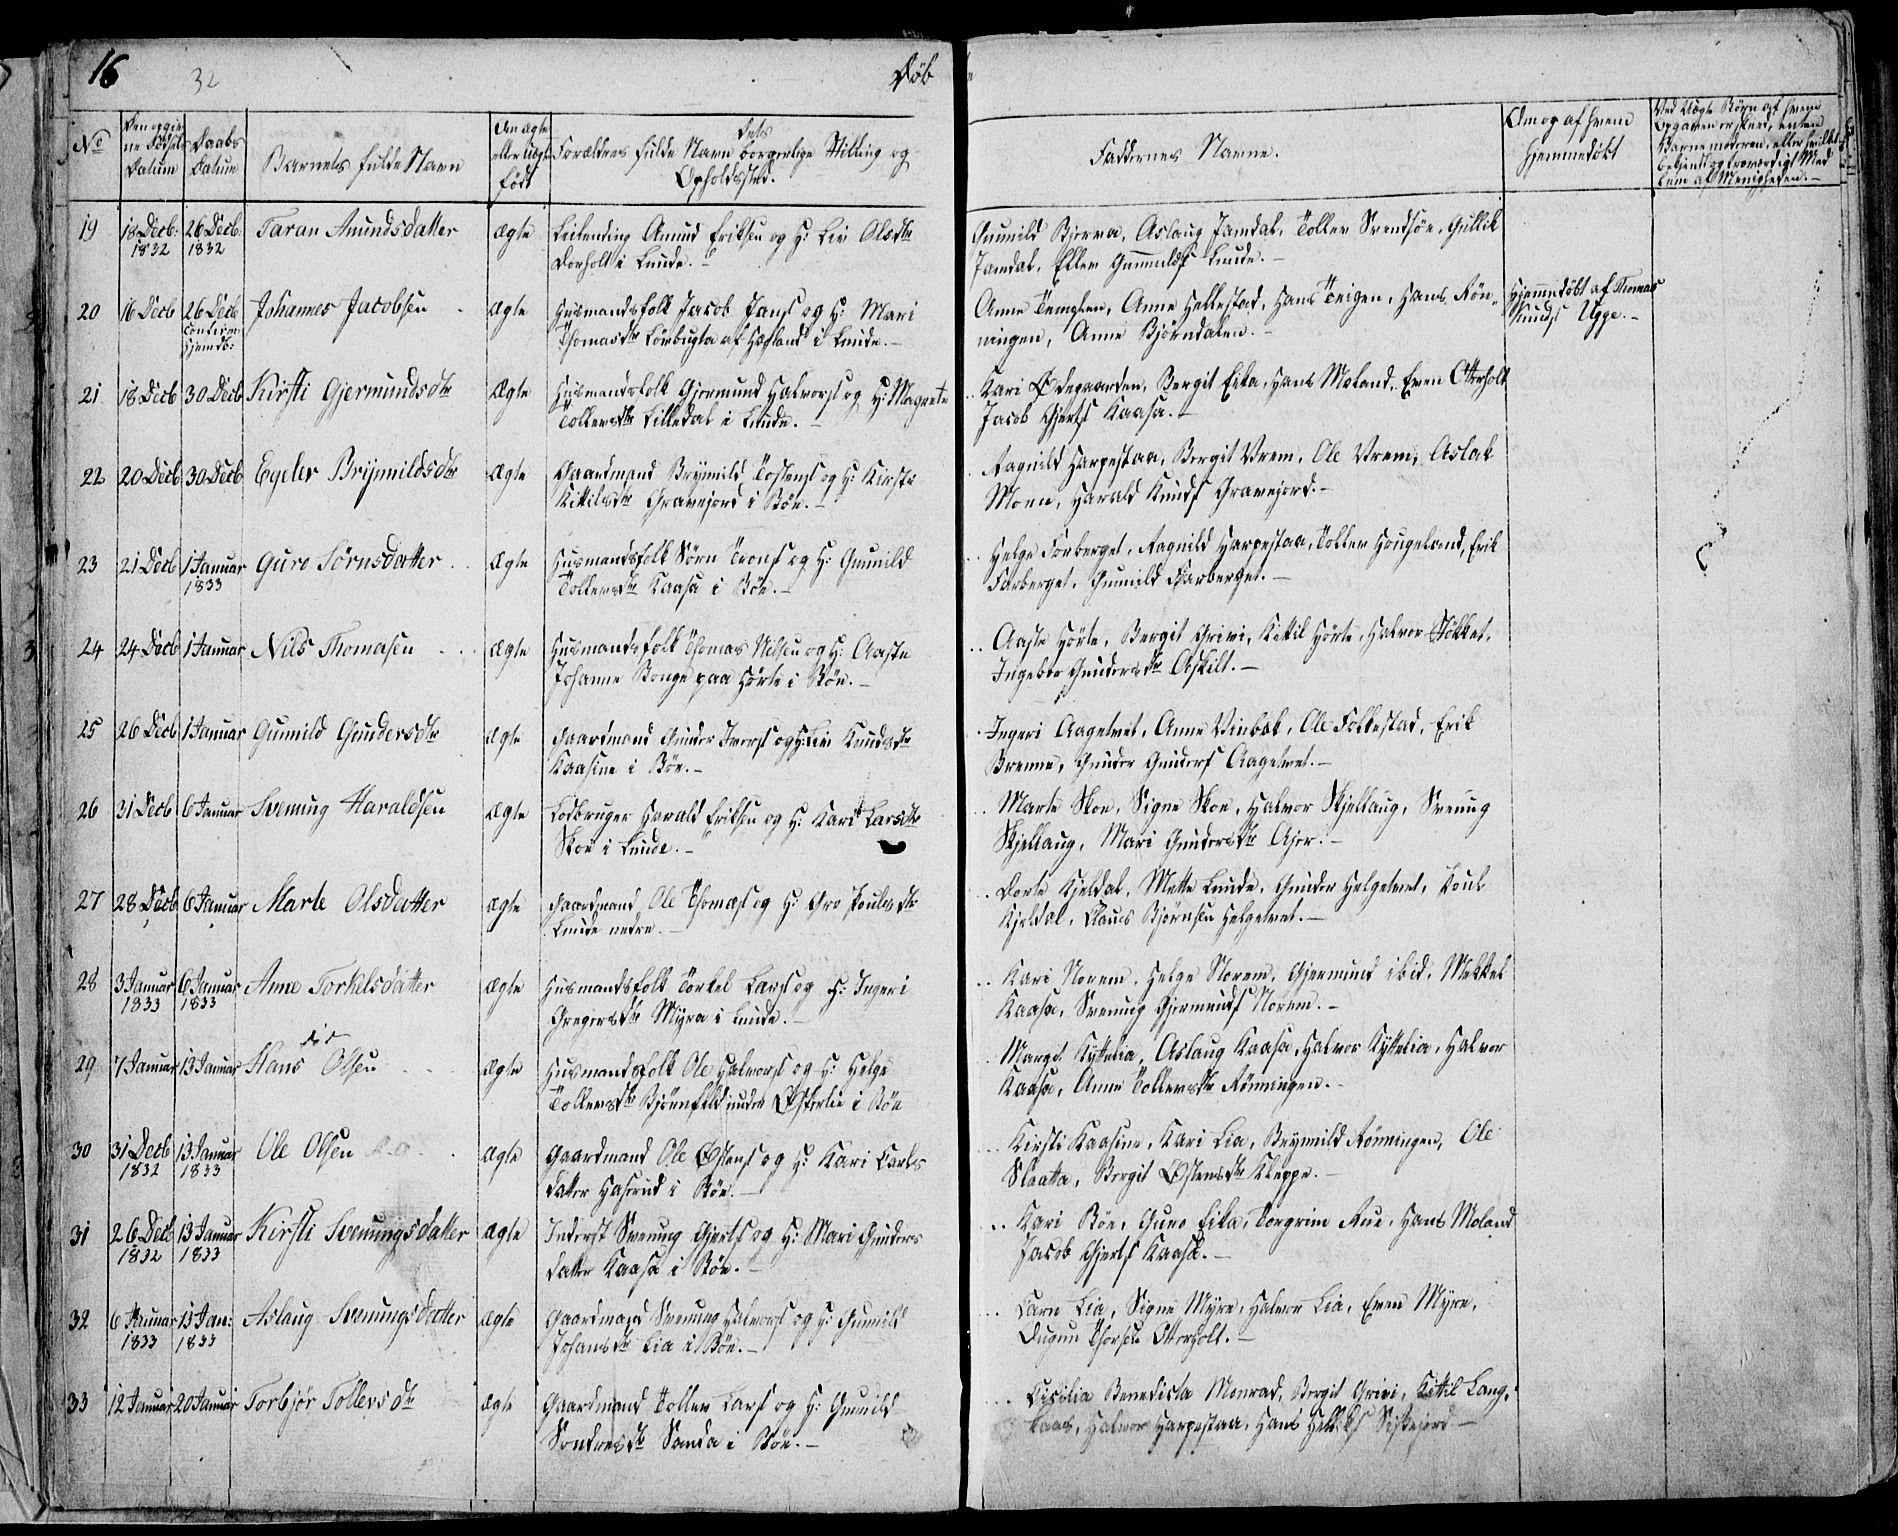 SAKO, Bø kirkebøker, F/Fa/L0007: Ministerialbok nr. 7, 1831-1848, s. 16